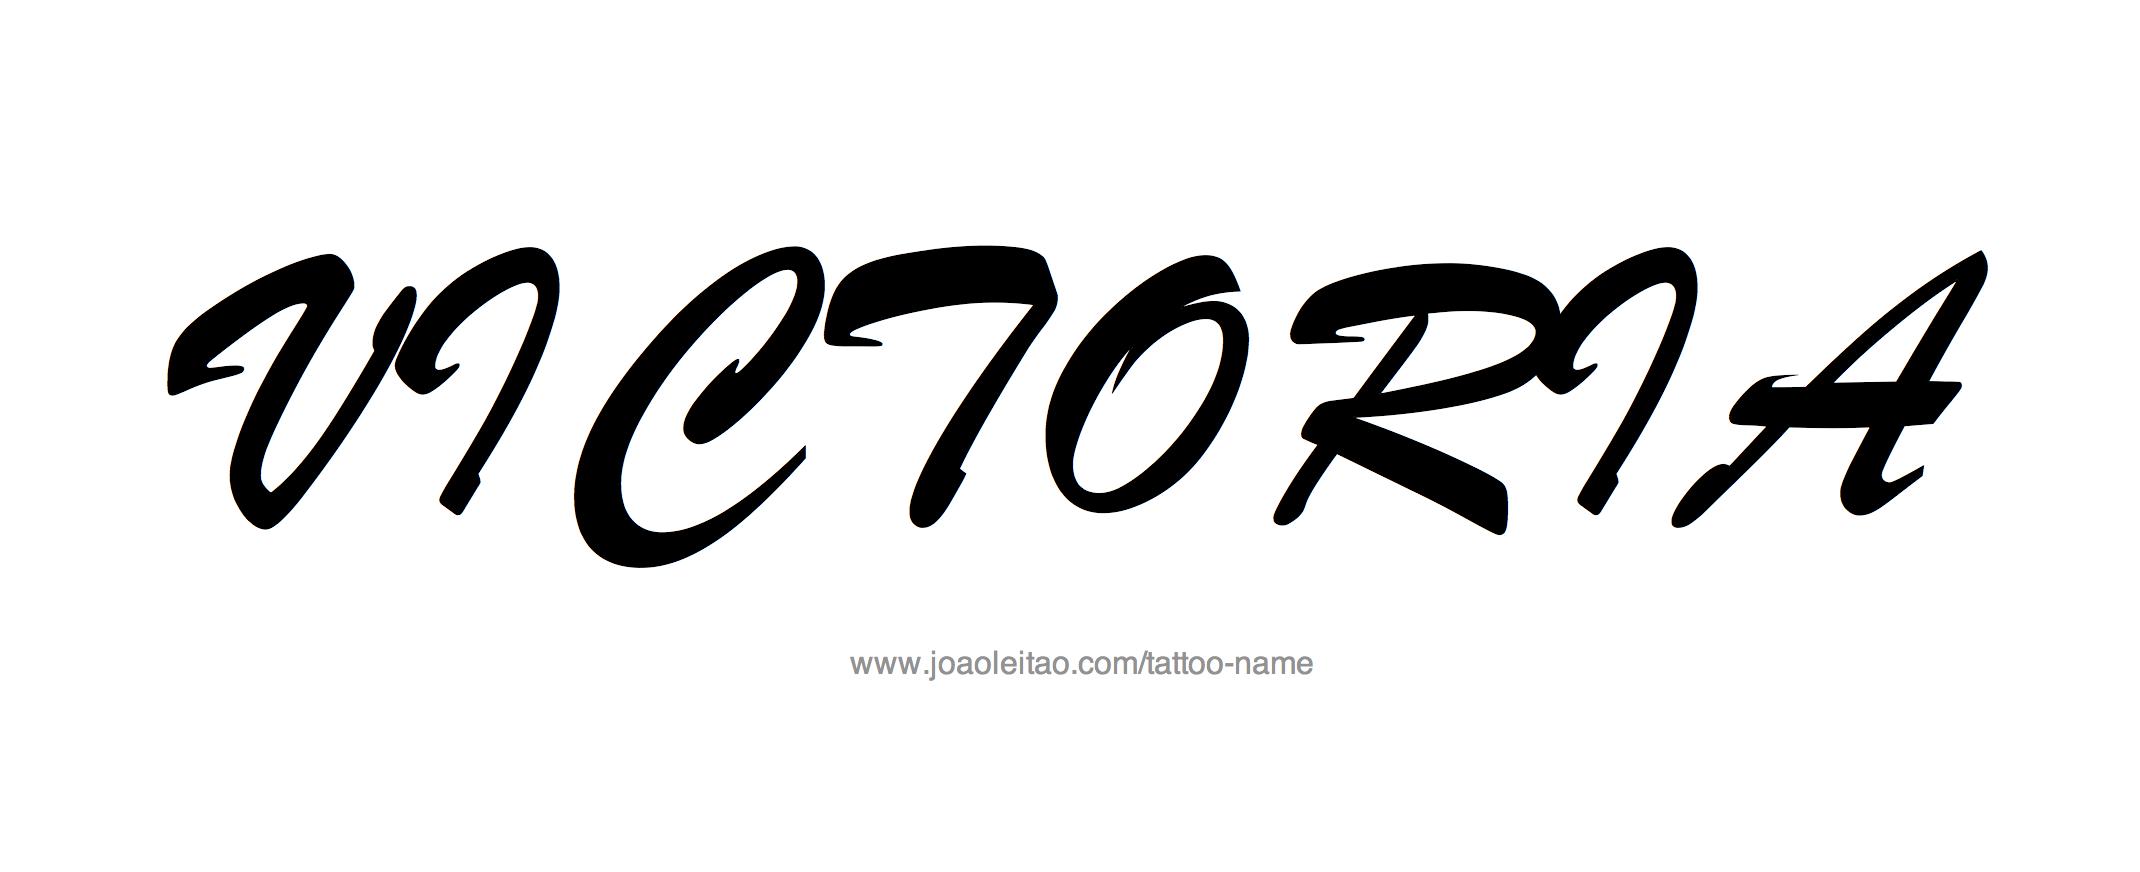 Татуировки с именем виктория на руке фото